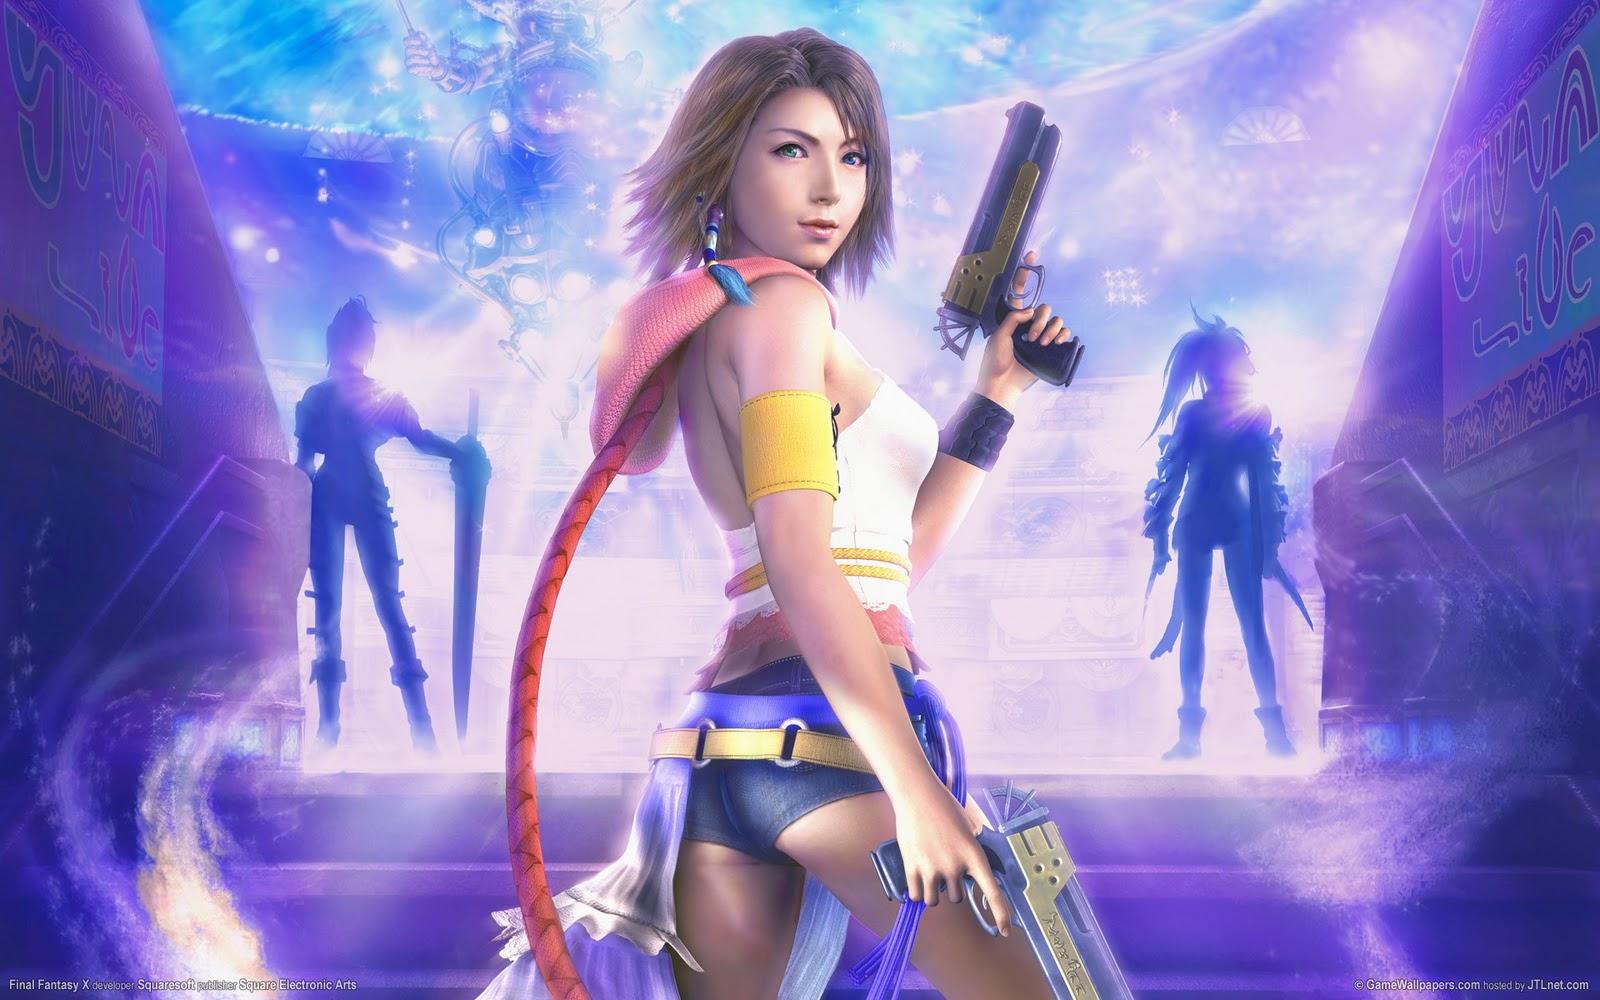 http://4.bp.blogspot.com/_meOqSET4ano/S_Pxlv1FQeI/AAAAAAAAAxY/7q5qj2T4b-w/s1600/Final+Fantasy+XIII+(2).jpg